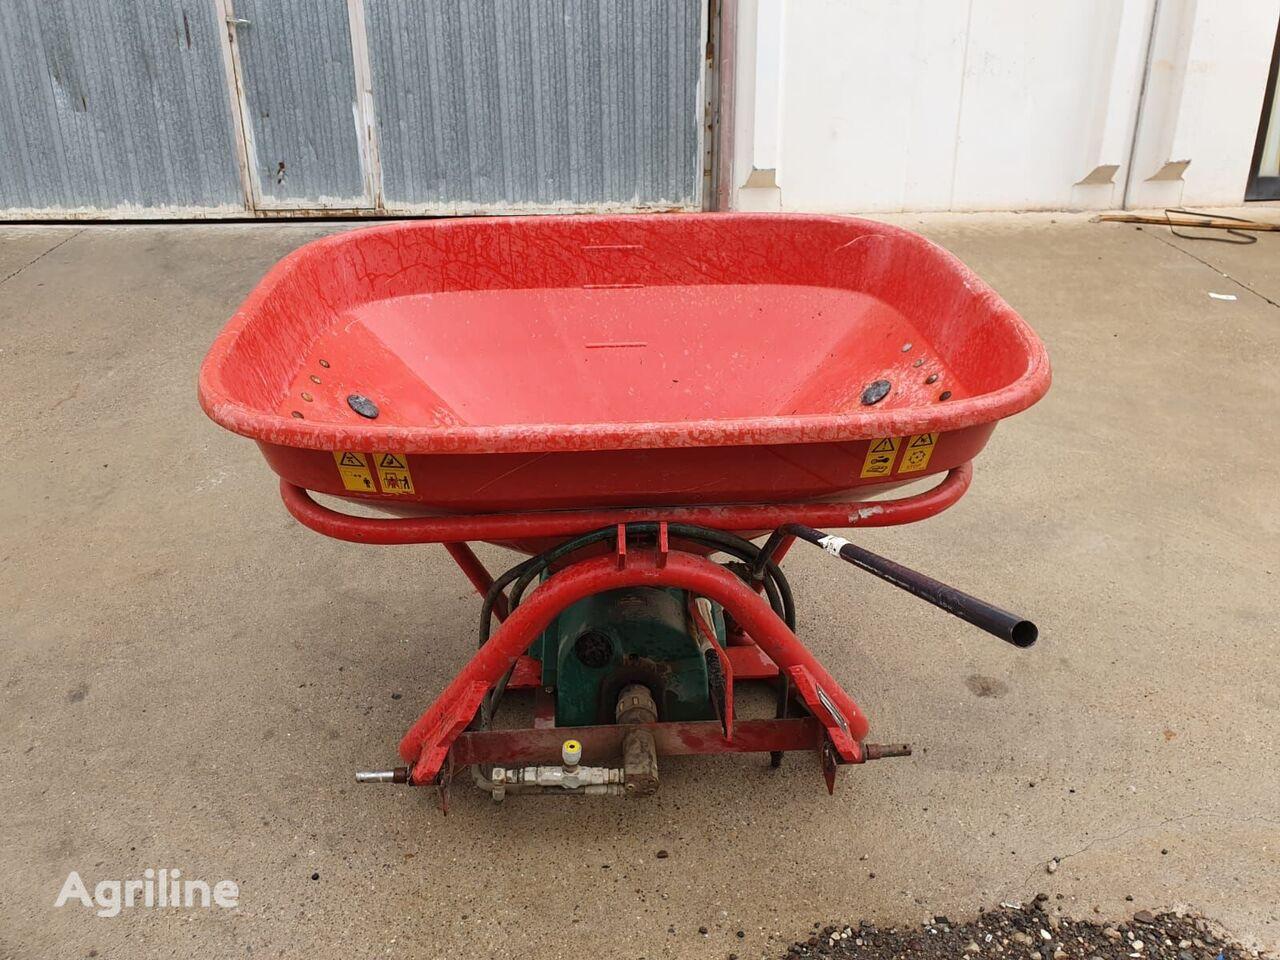 KVERNELAND PS 403 mounted fertilizer spreader